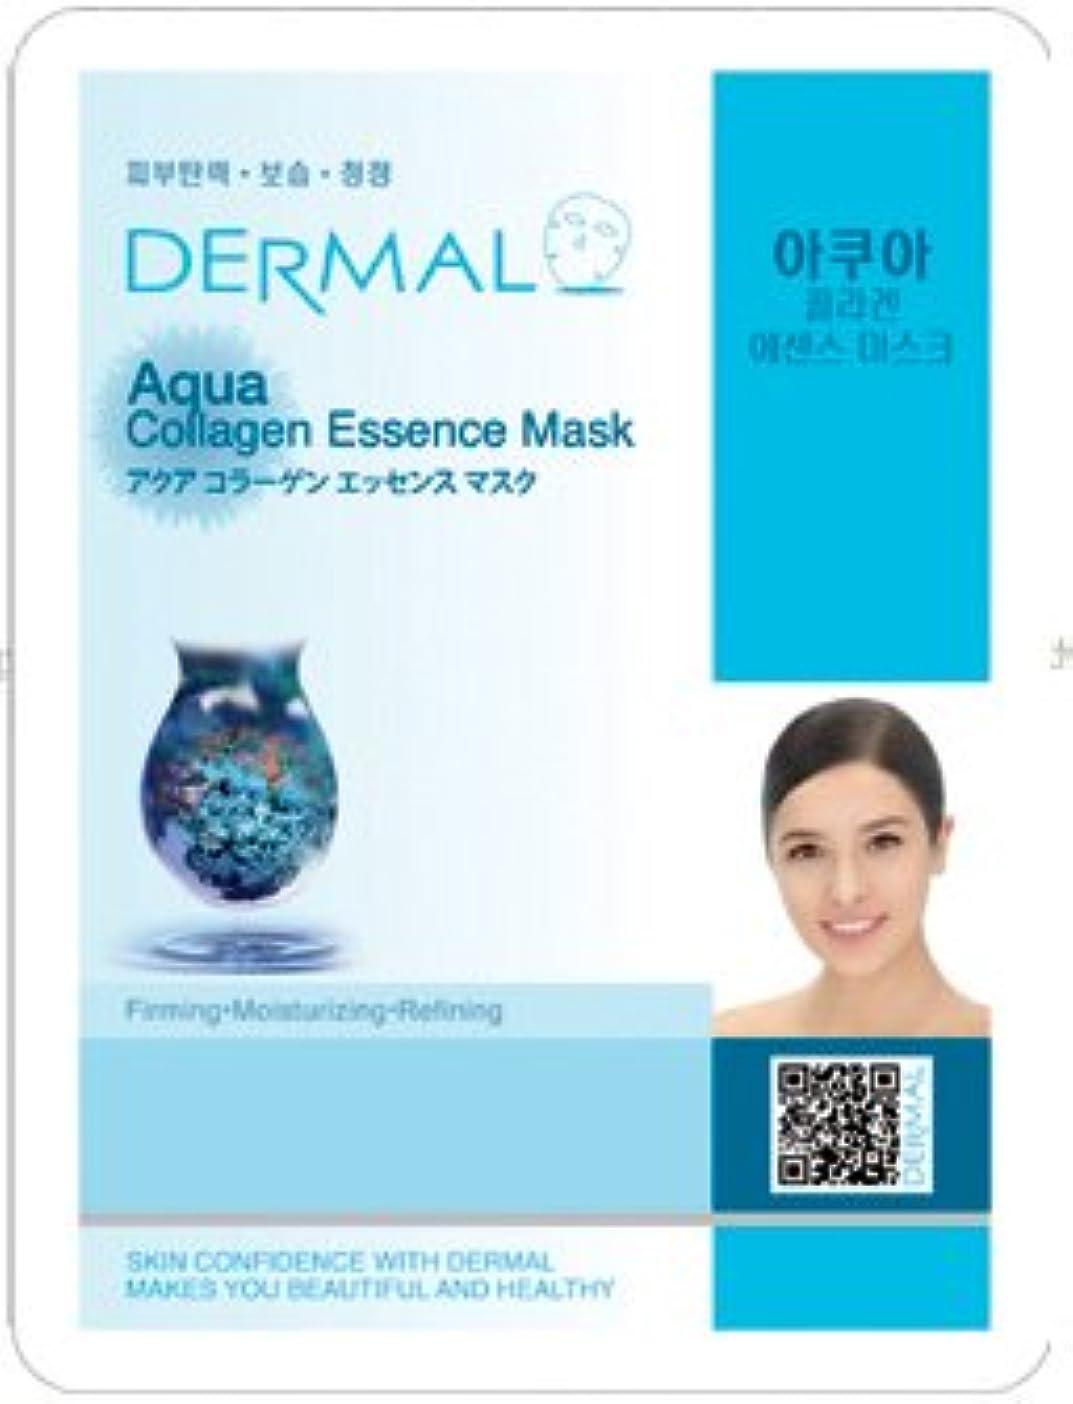 なかなか銛ひいきにするシート マスク アクア ダーマル Dermal 23g (10枚セット) フェイス パック